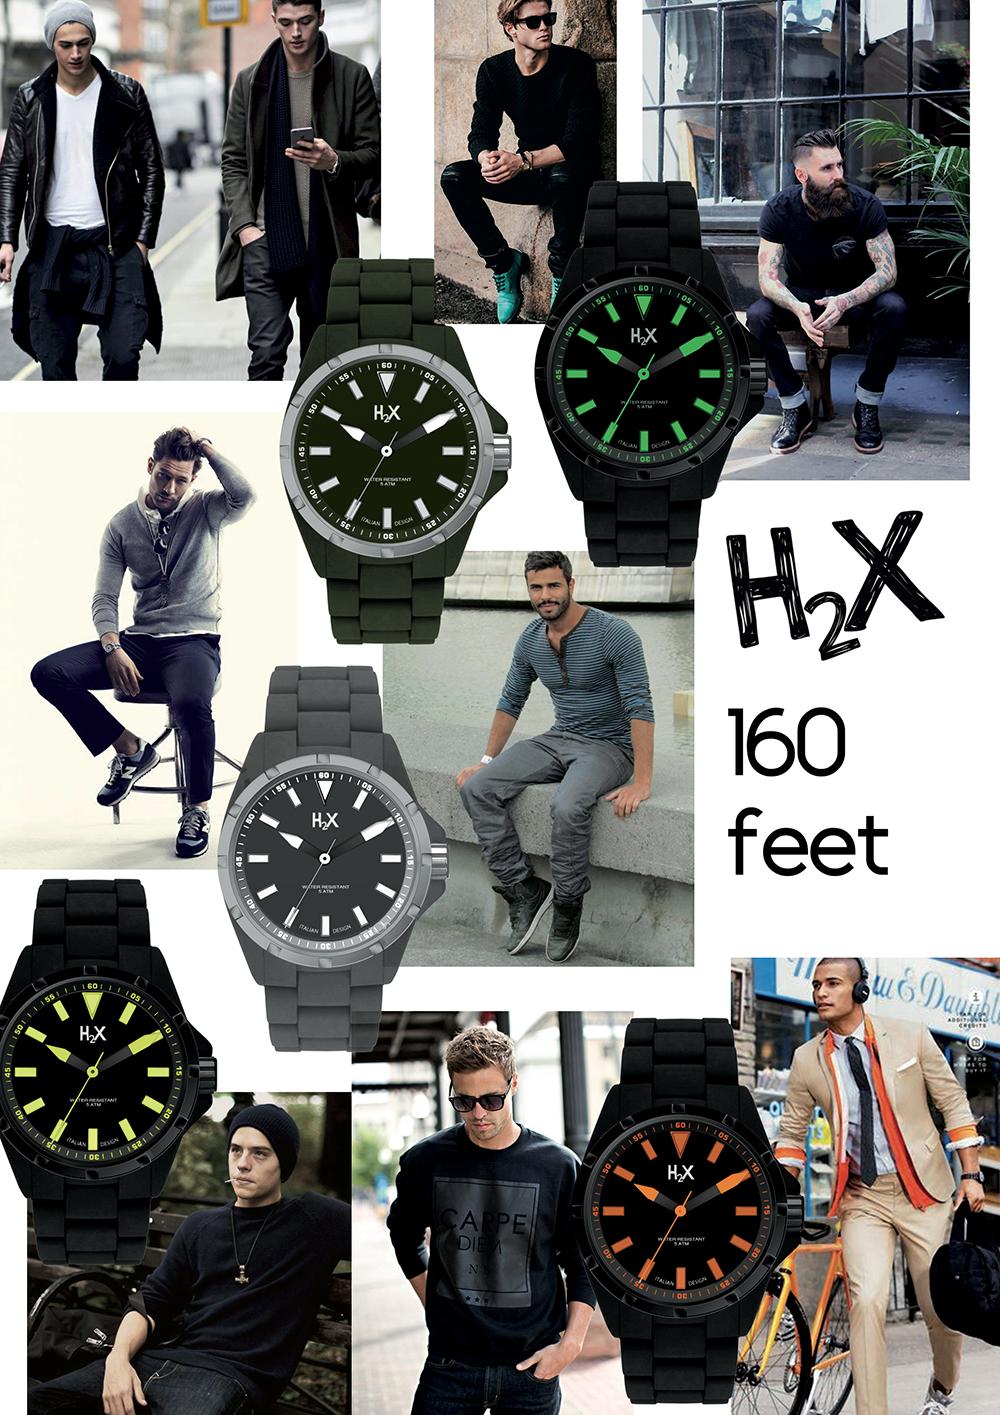 h2x-3.jpg